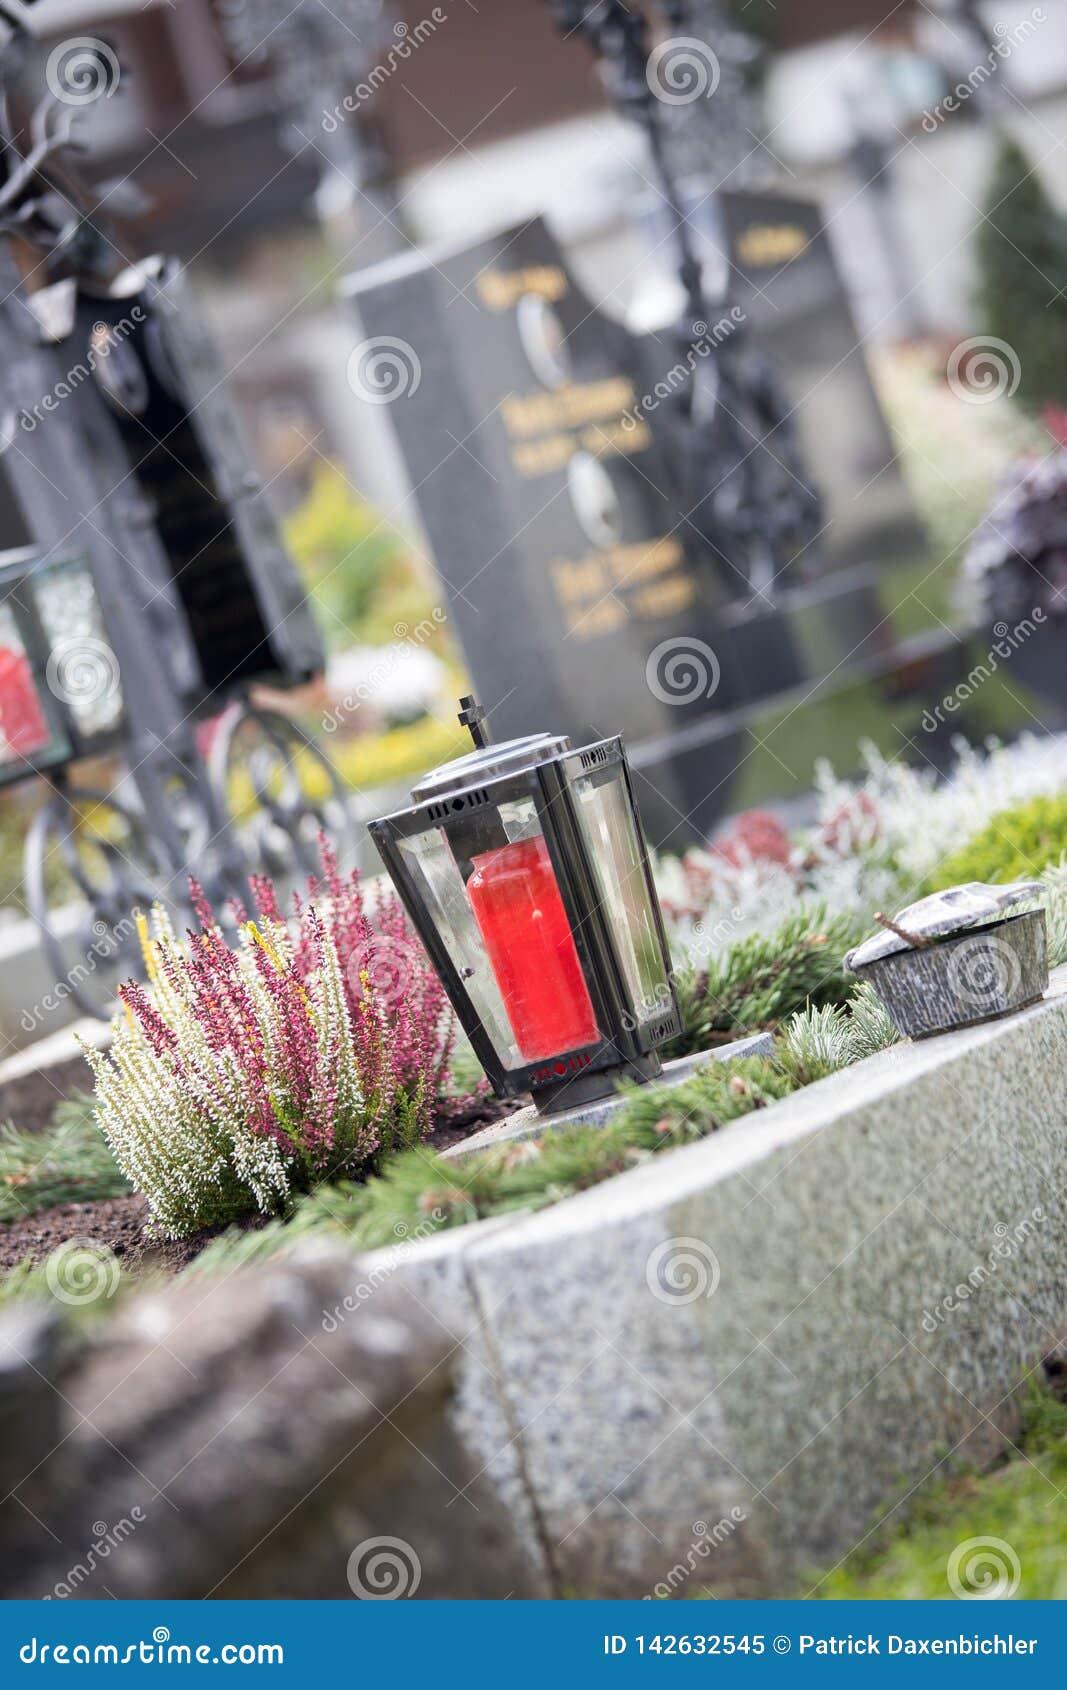 Свеча/фонарик на кладбище, похороны, скорба